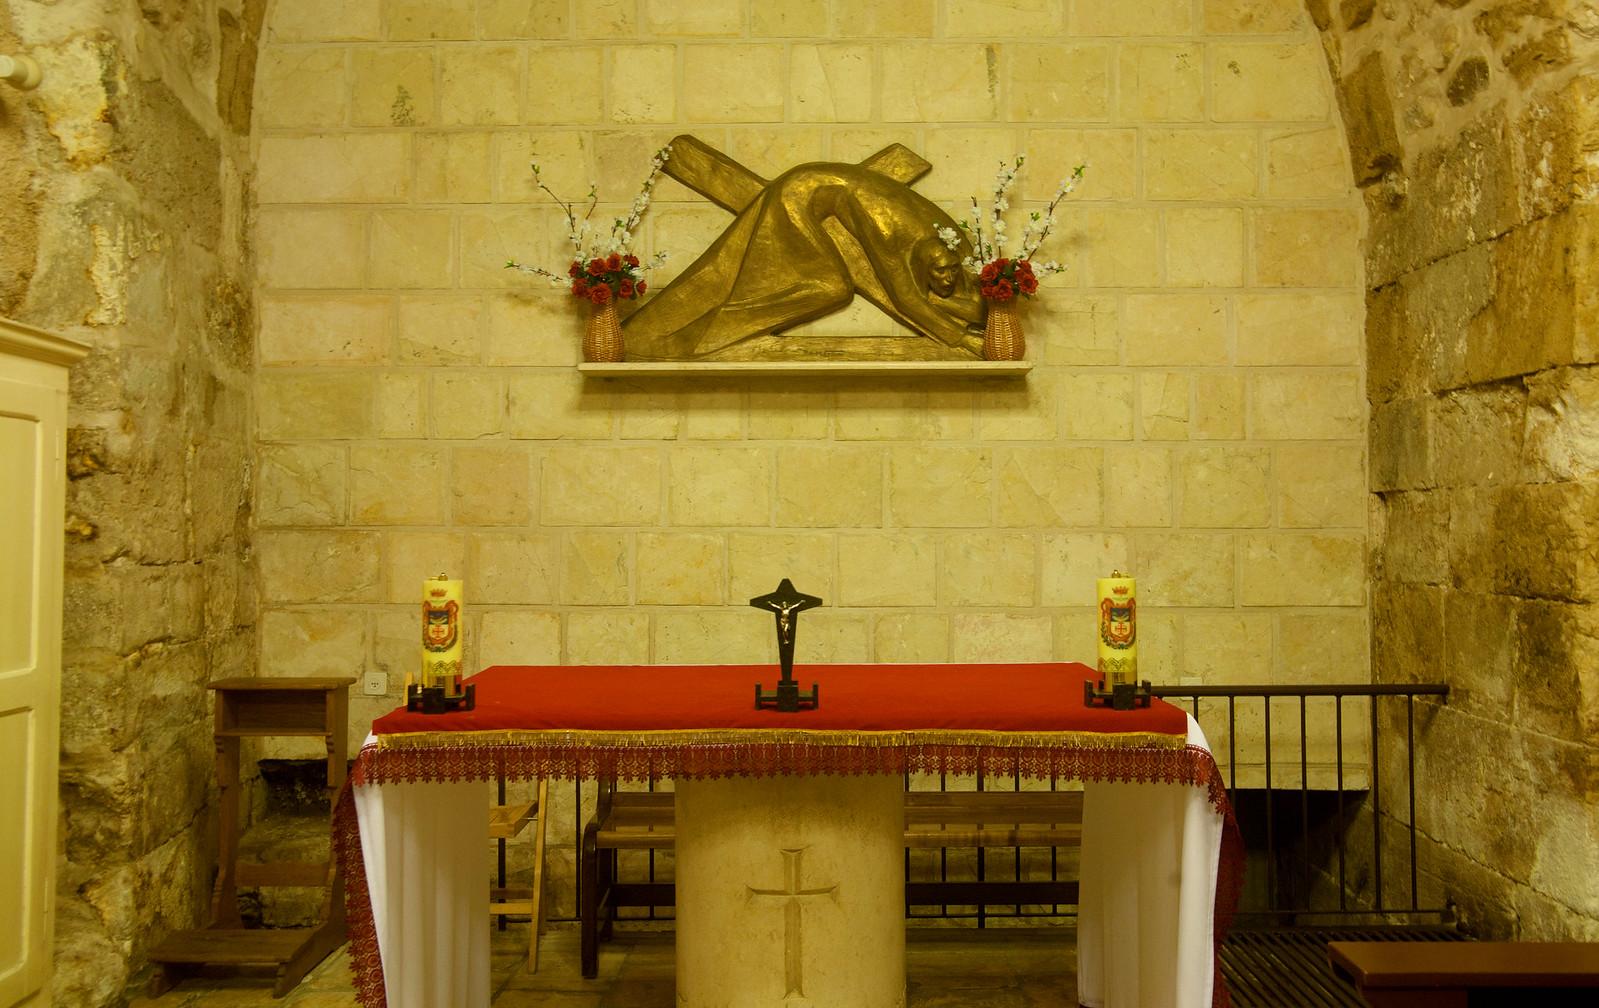 Jerusalem_Via Dolorosa_Station 7 (2)-Noam Chen_IMOT